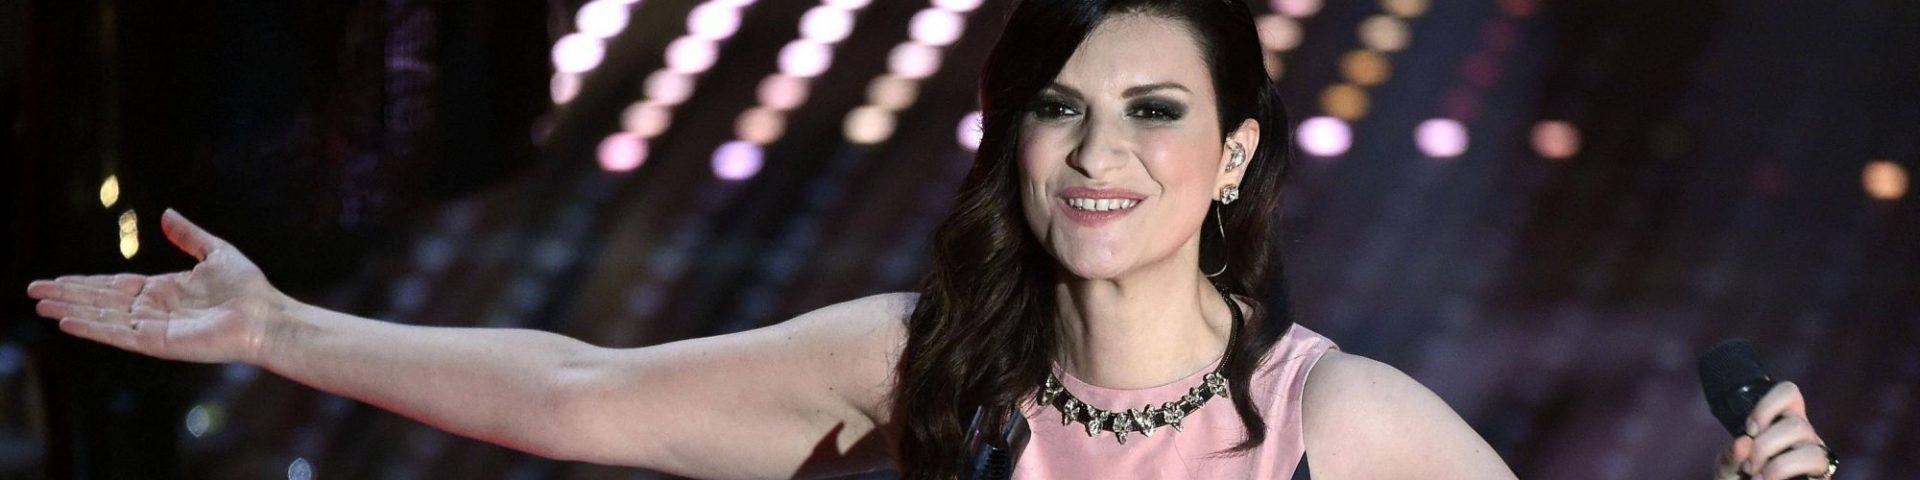 """Laura Pausini: anteprima del video """"La soluzione"""" su Canale 5"""